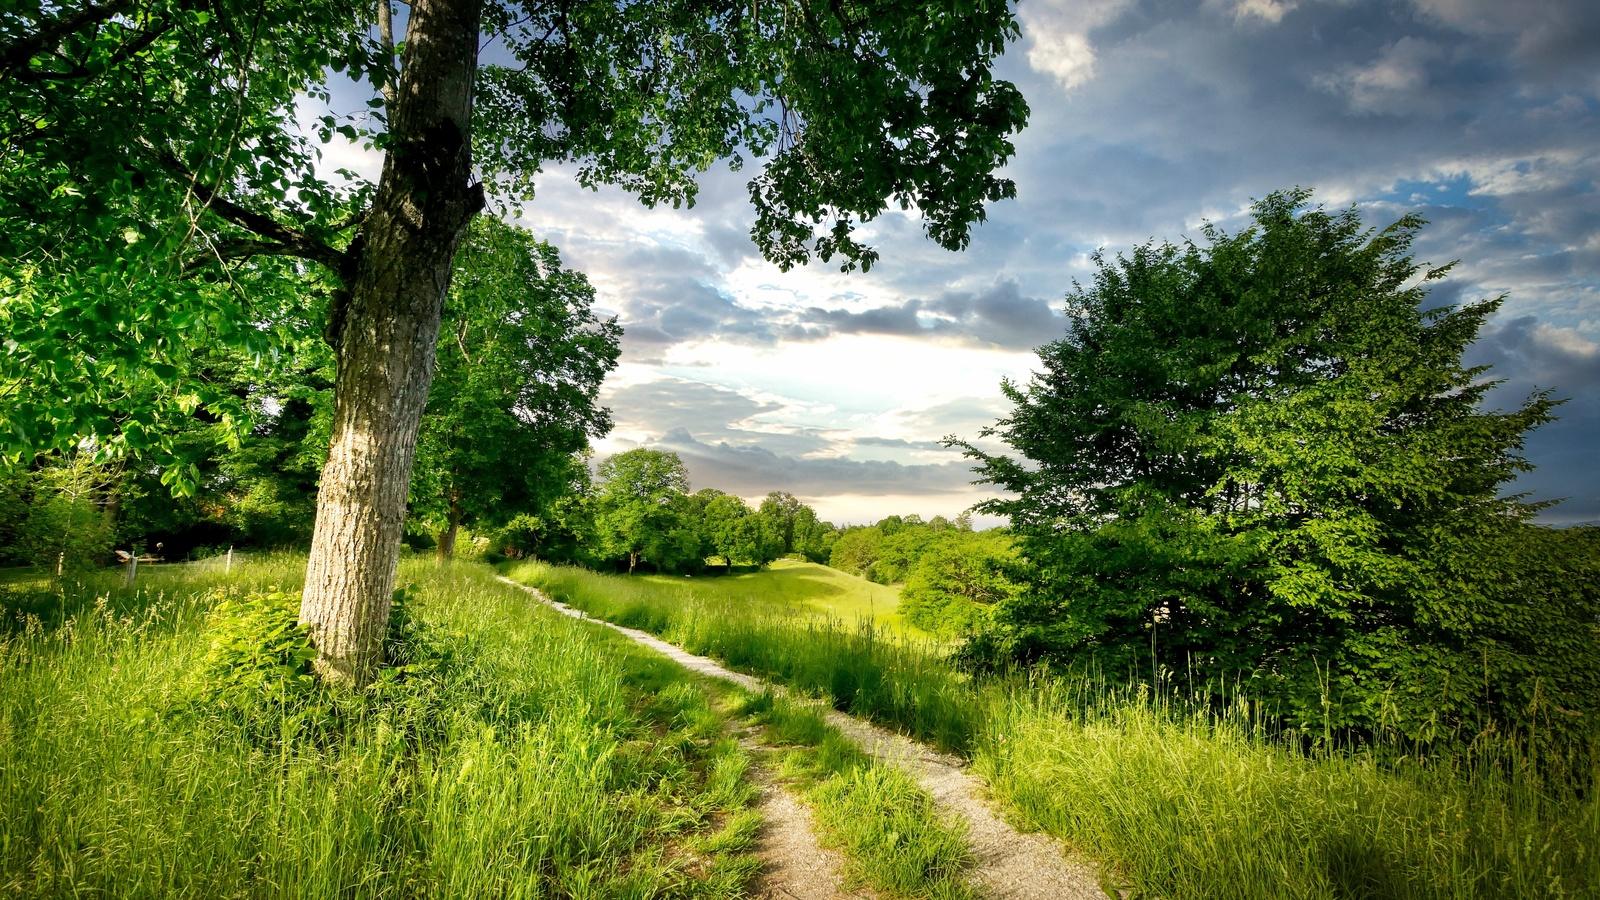 дерево, дорога, трава